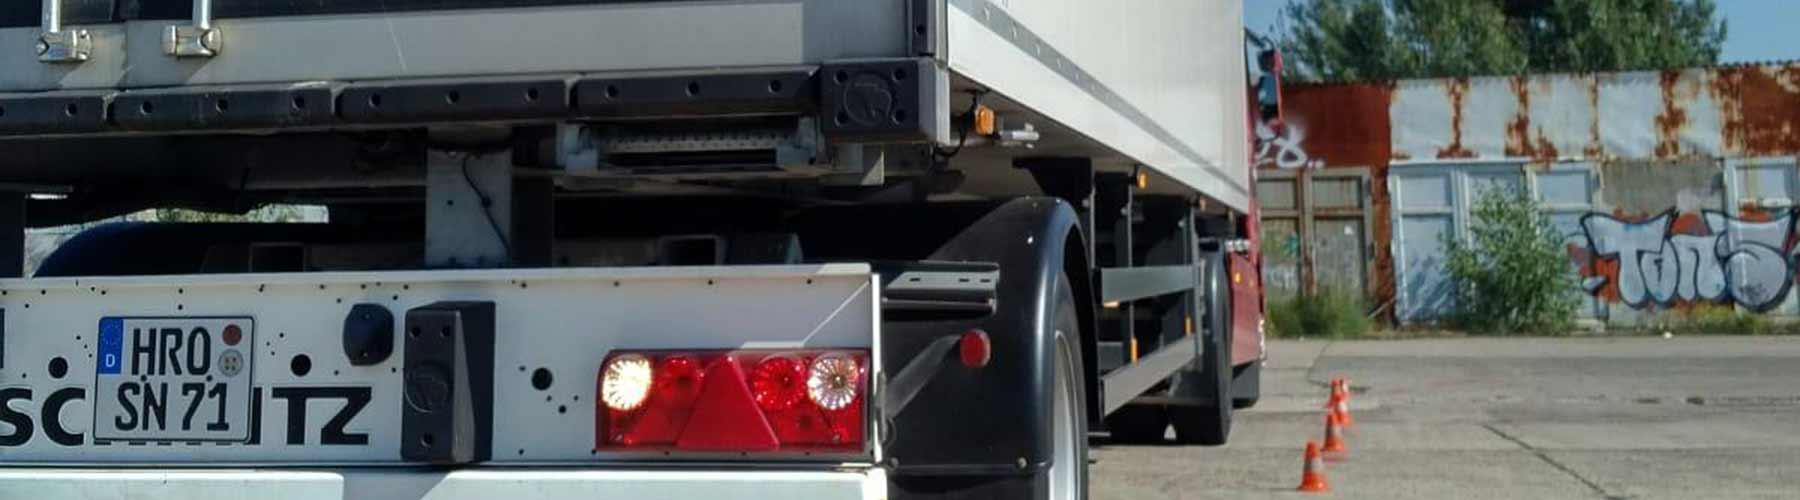 LKW- und Berufskraftfahrerausbildung